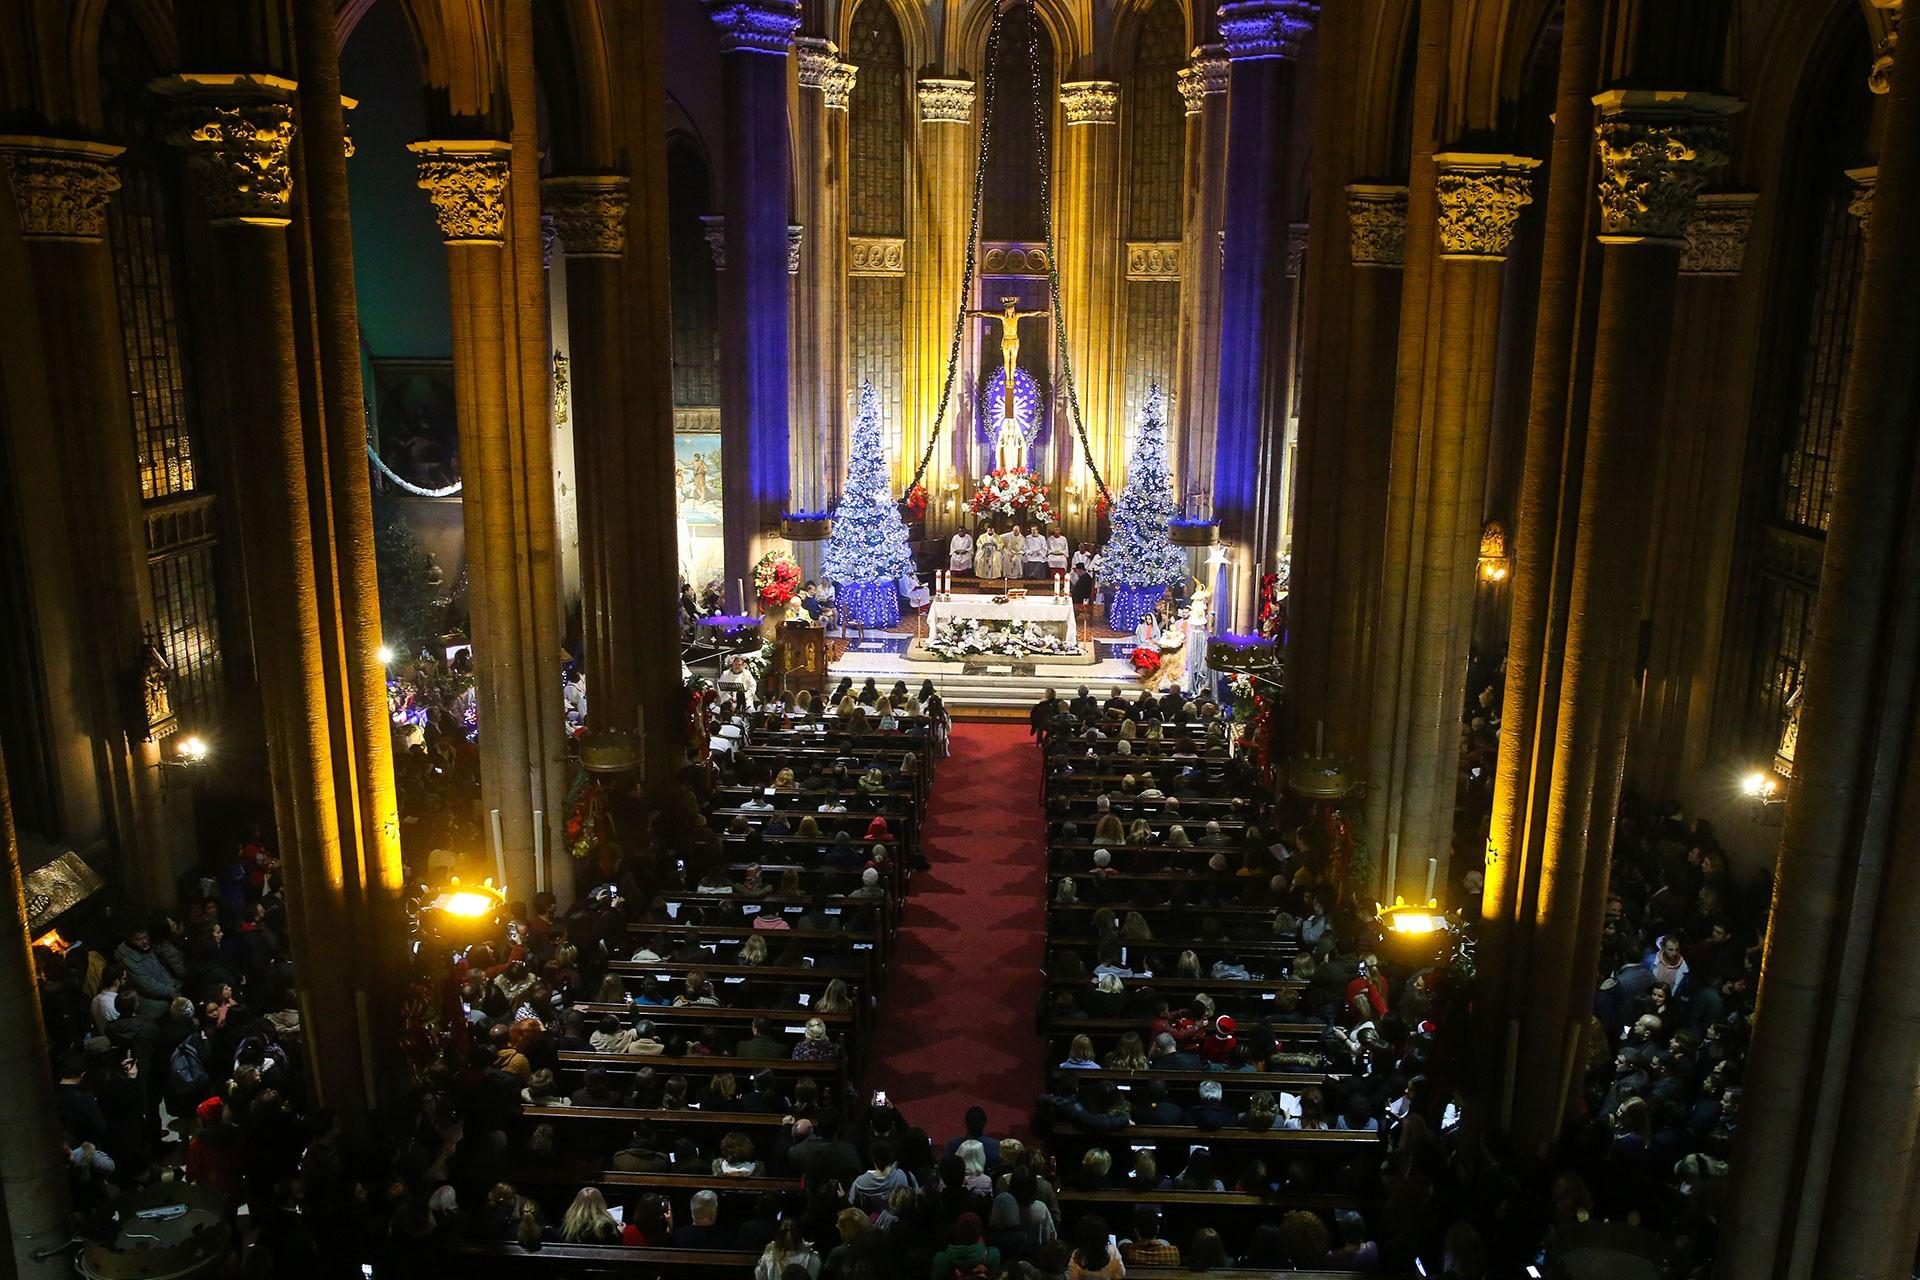 Saint Antuan Kilisesi'nde Noel Ayini yapılıyor.